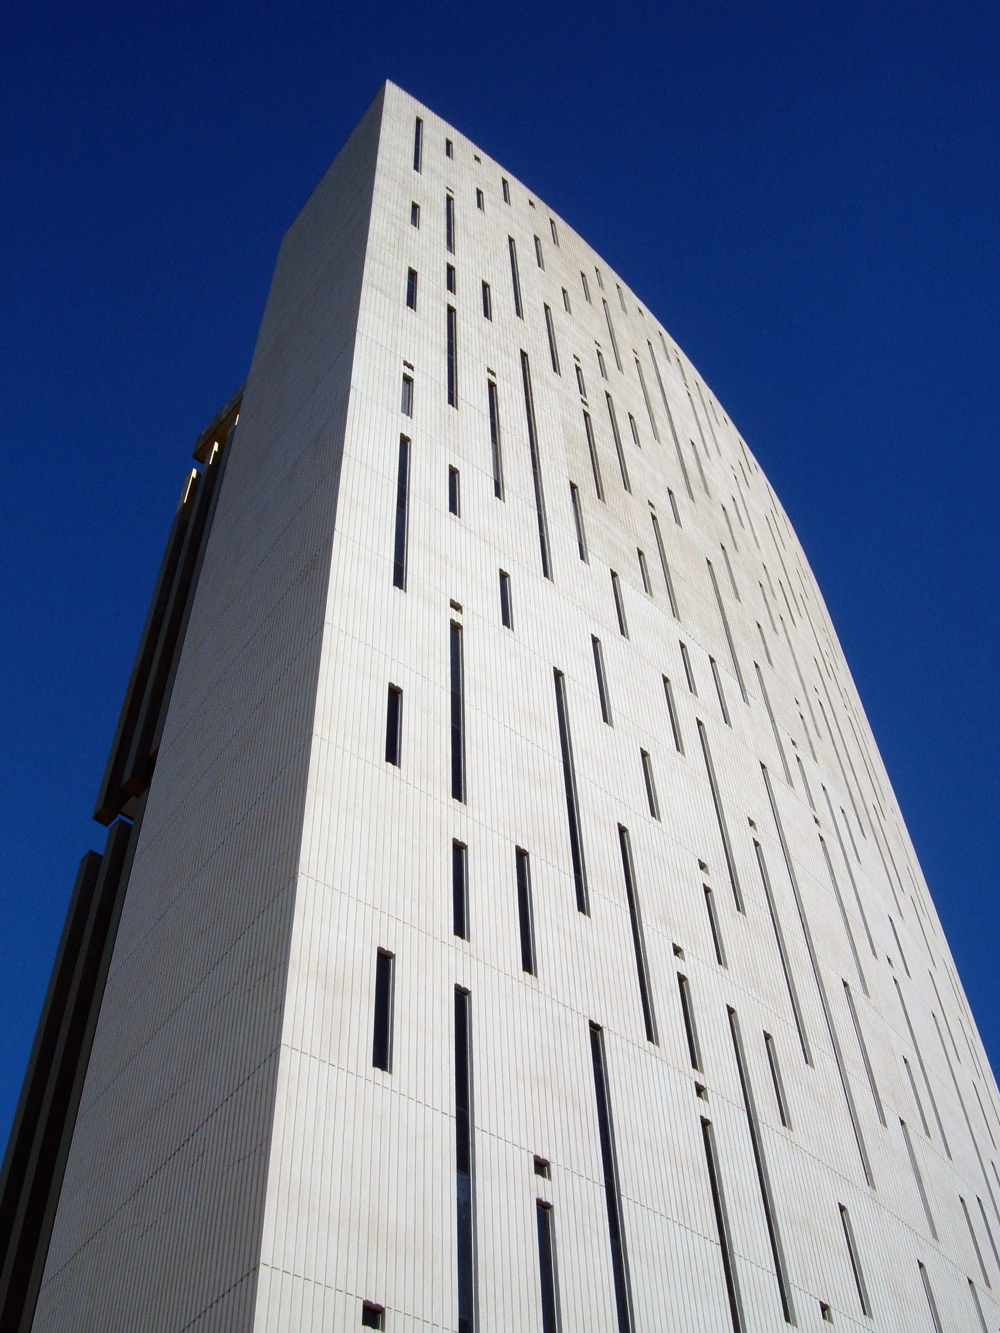 Phoenix Financial Center in Phoenix, Arizona (photo by Ixnayonthetimmay/Wikimedia)